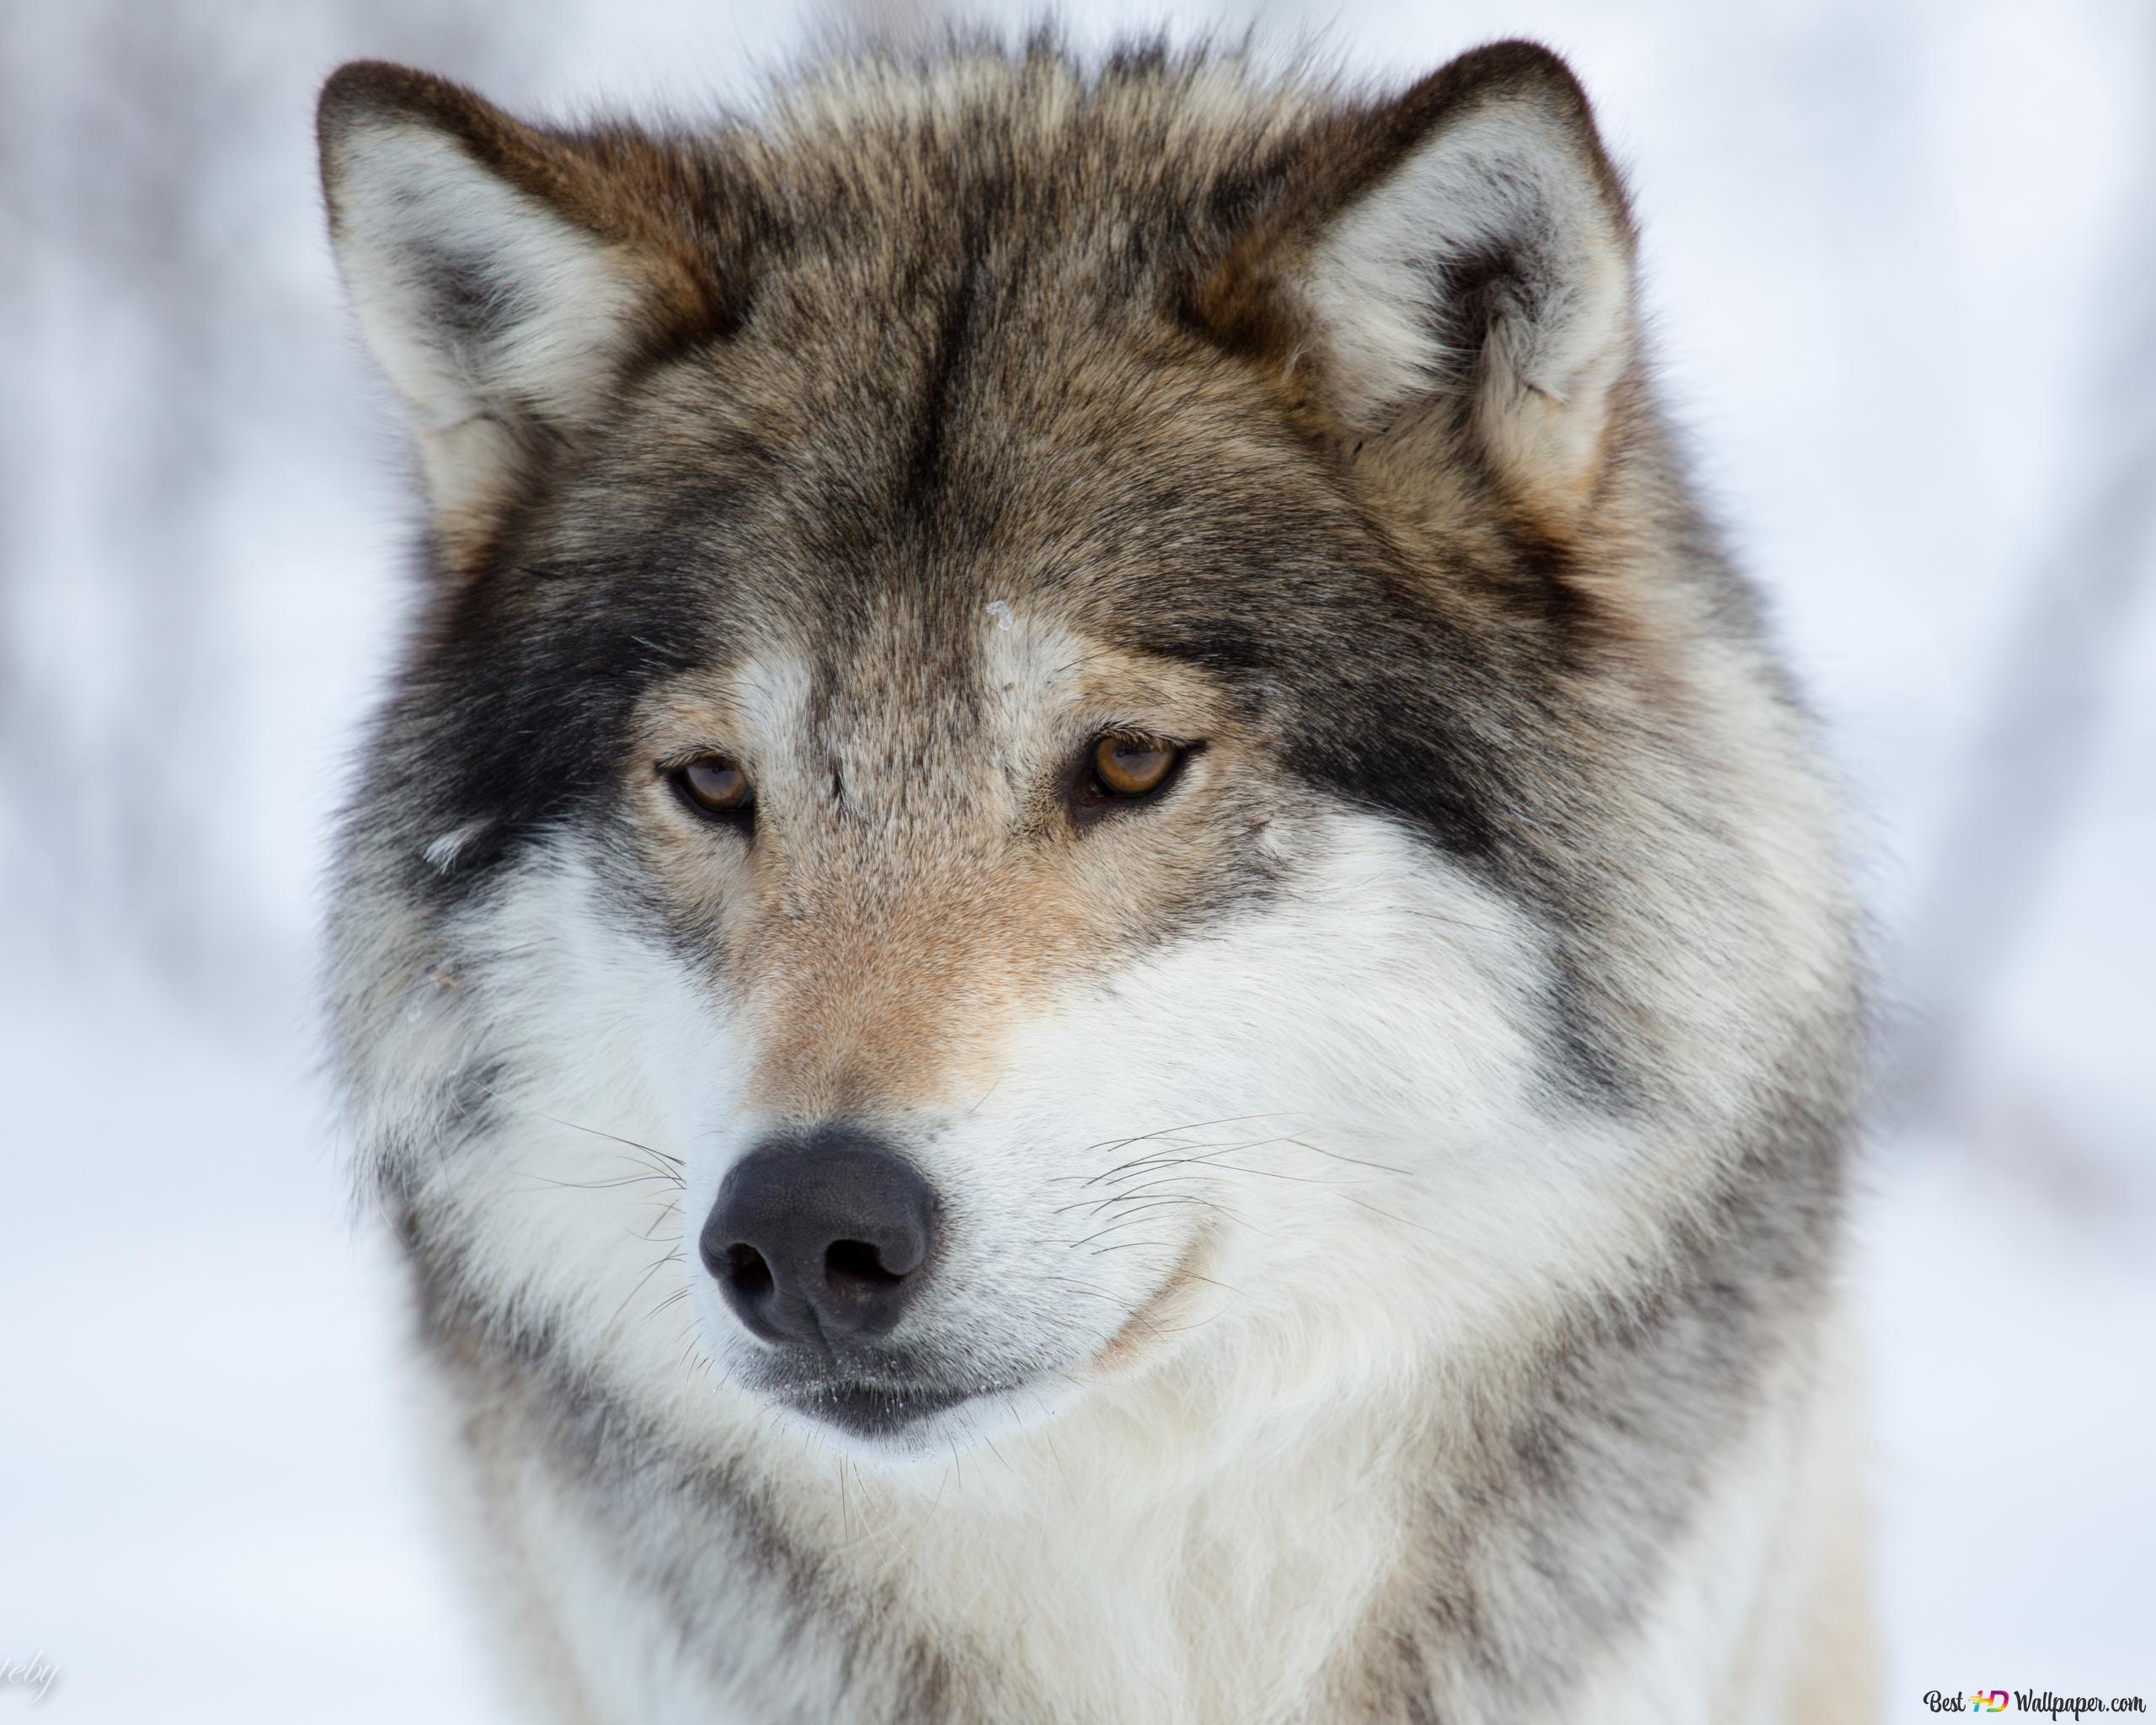 狼 Hd壁紙のダウンロード